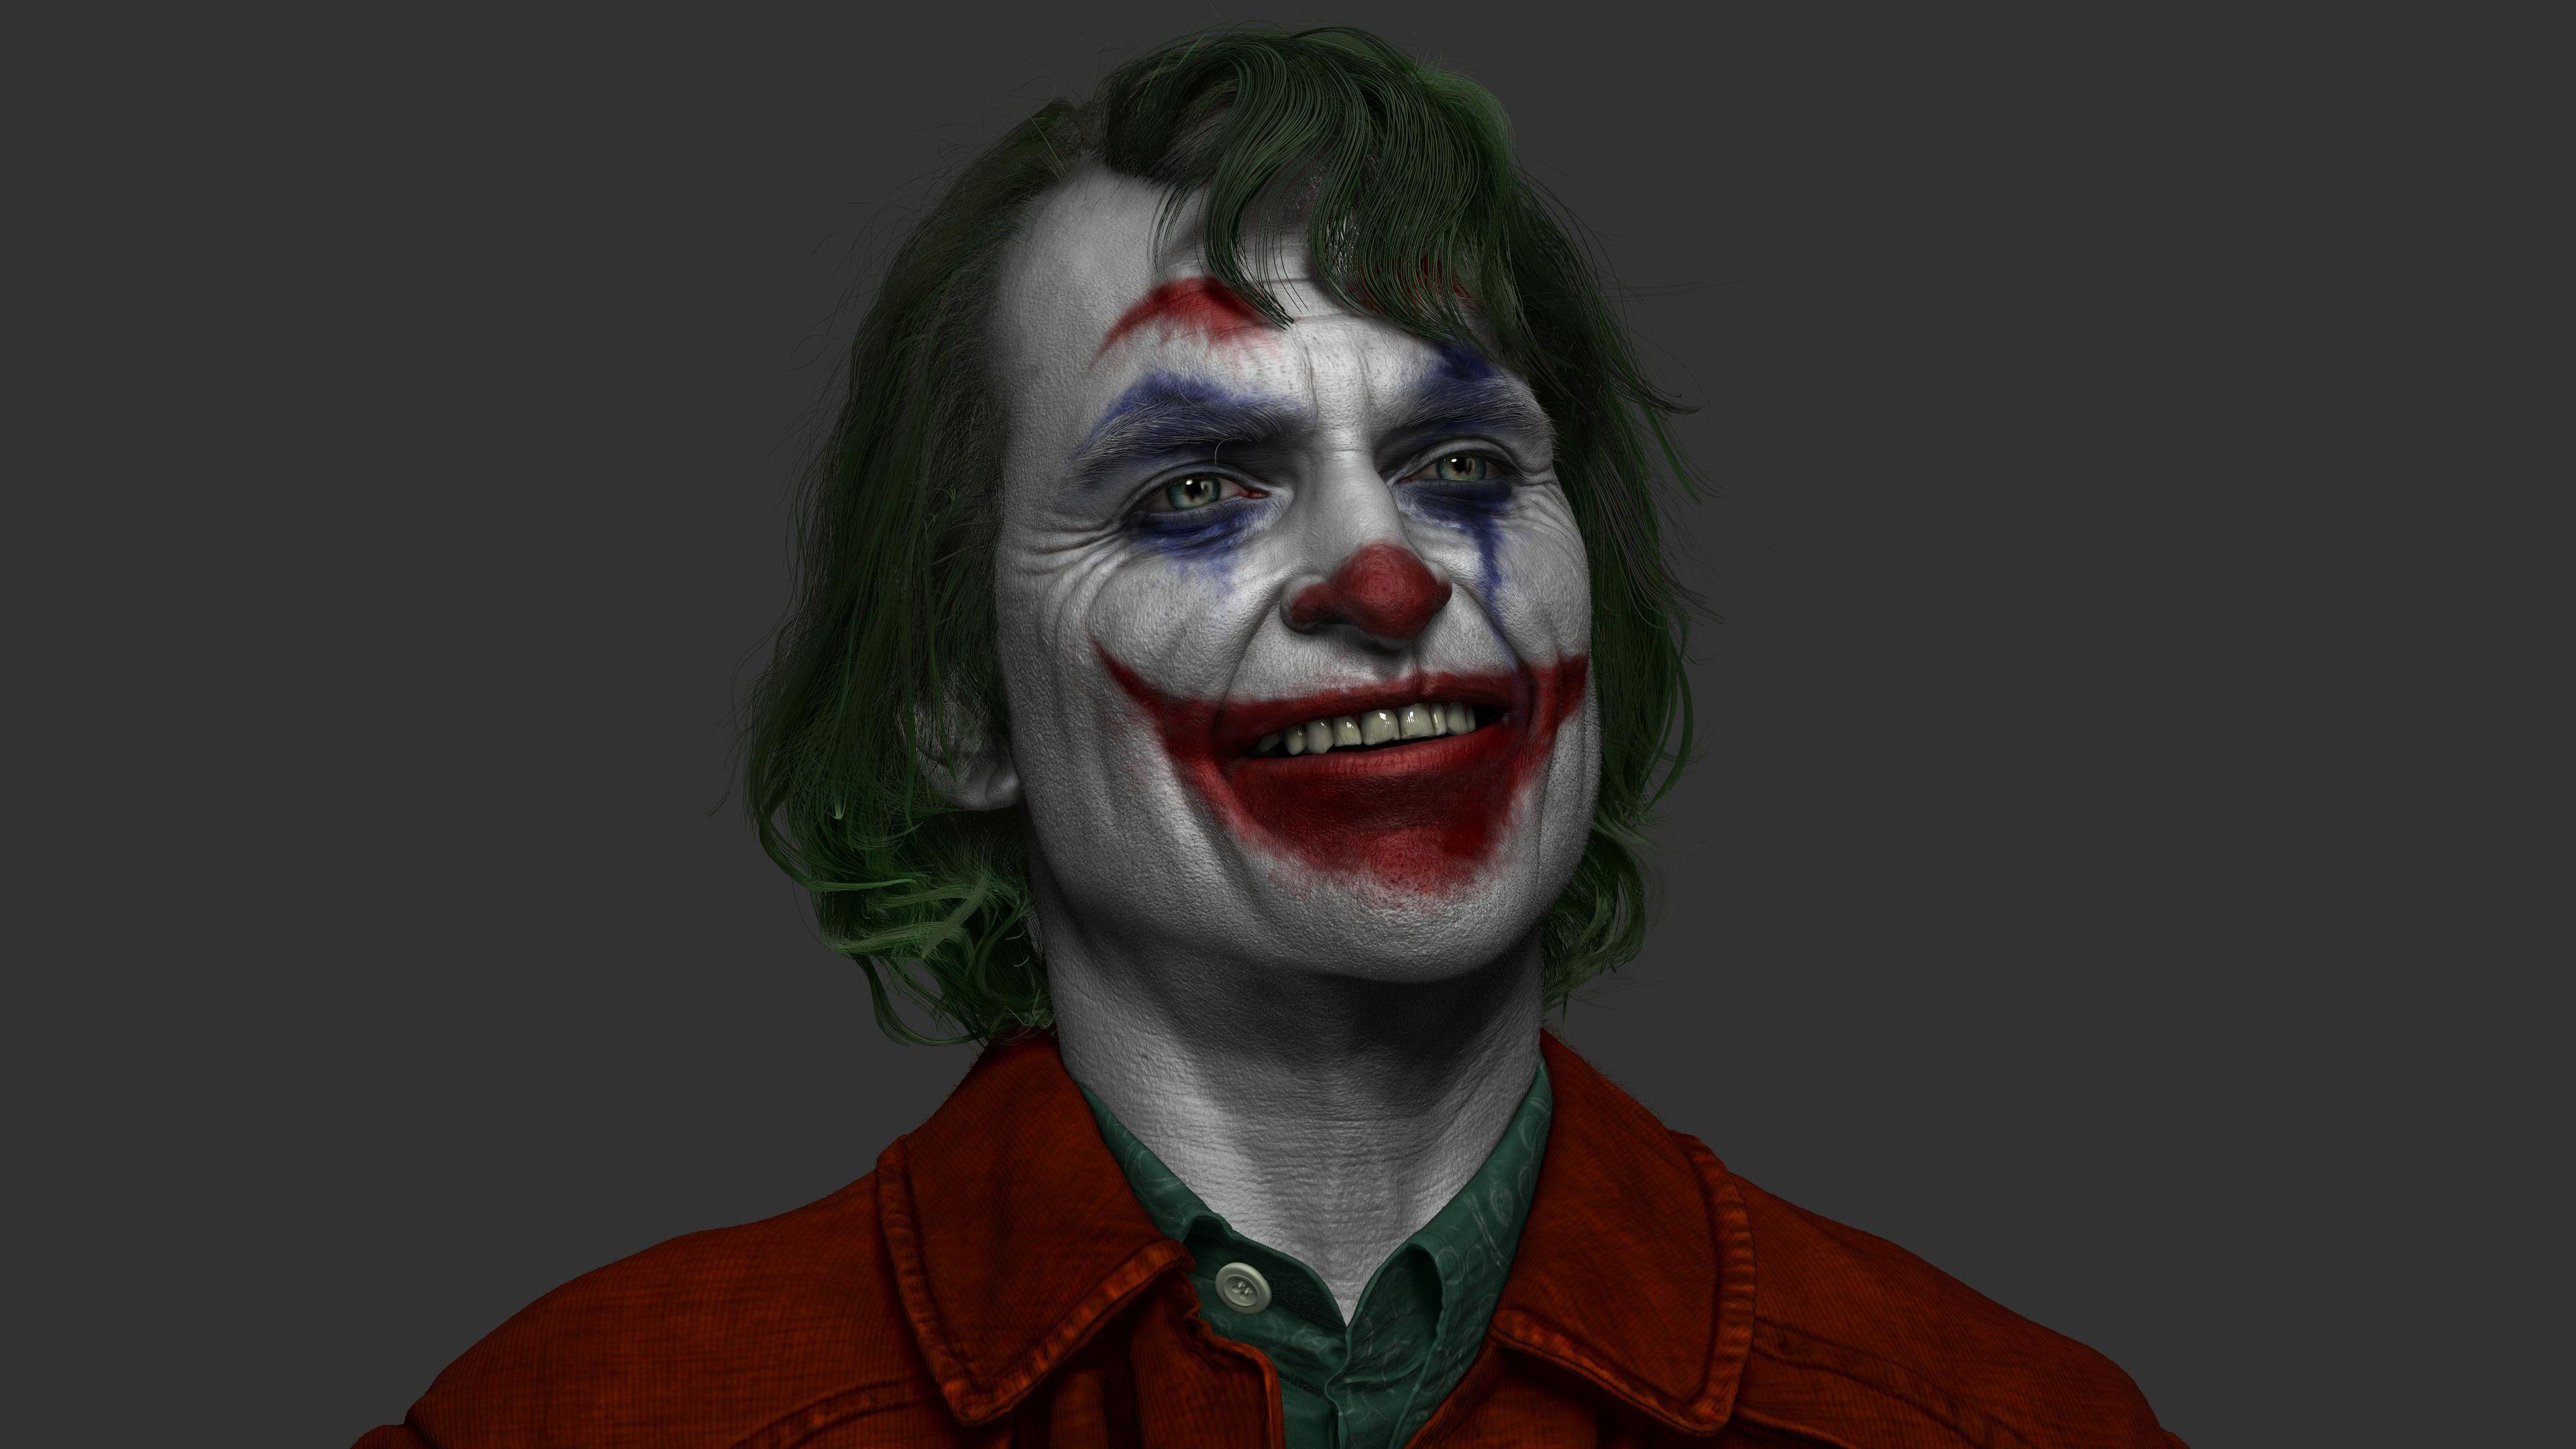 Joker Joaquin Phoenix Artwork 4k Superheroes Wallpapers